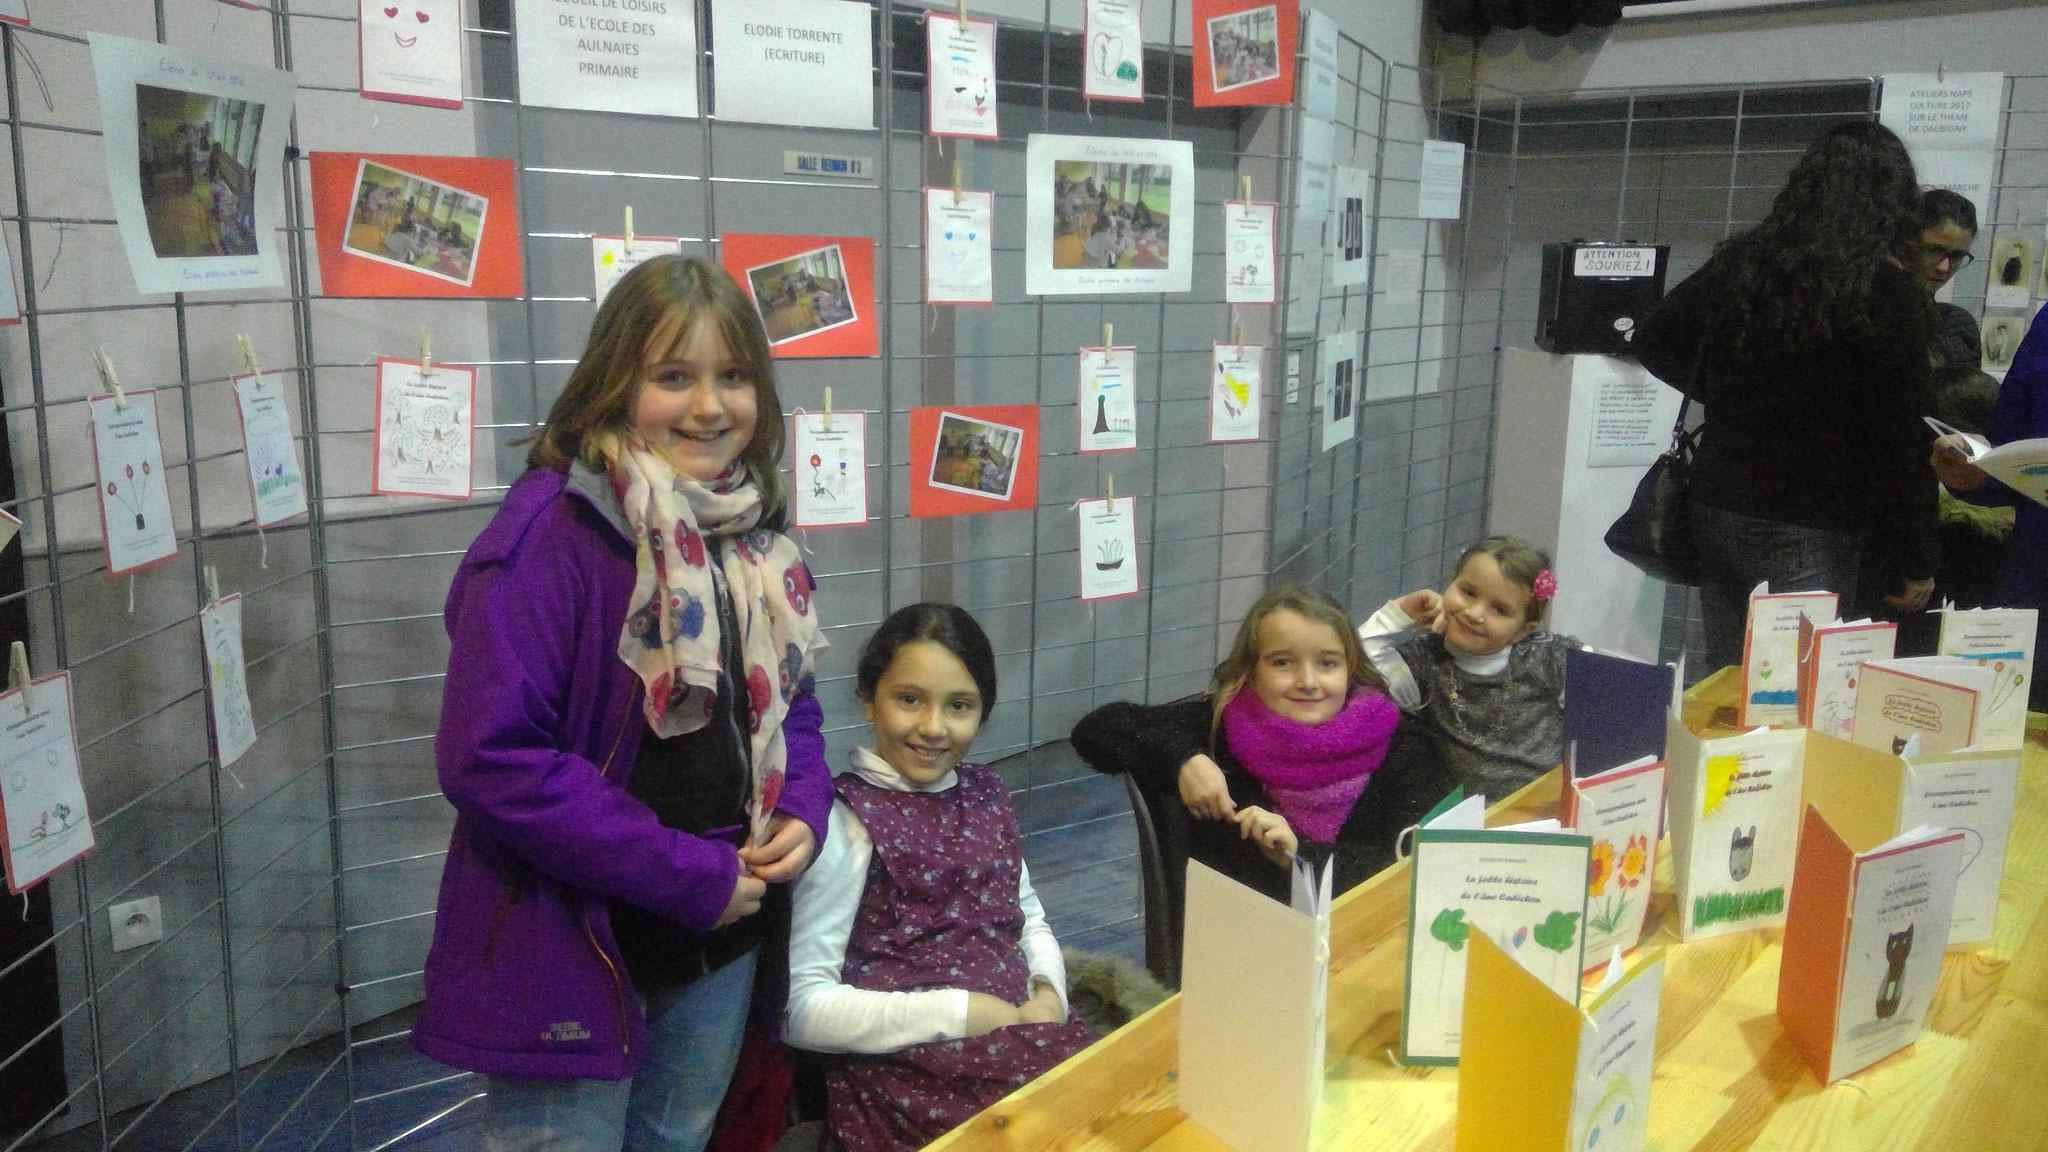 Célia, Sirine, Sandy et Lucille, heureuses de présenter leurs écrits